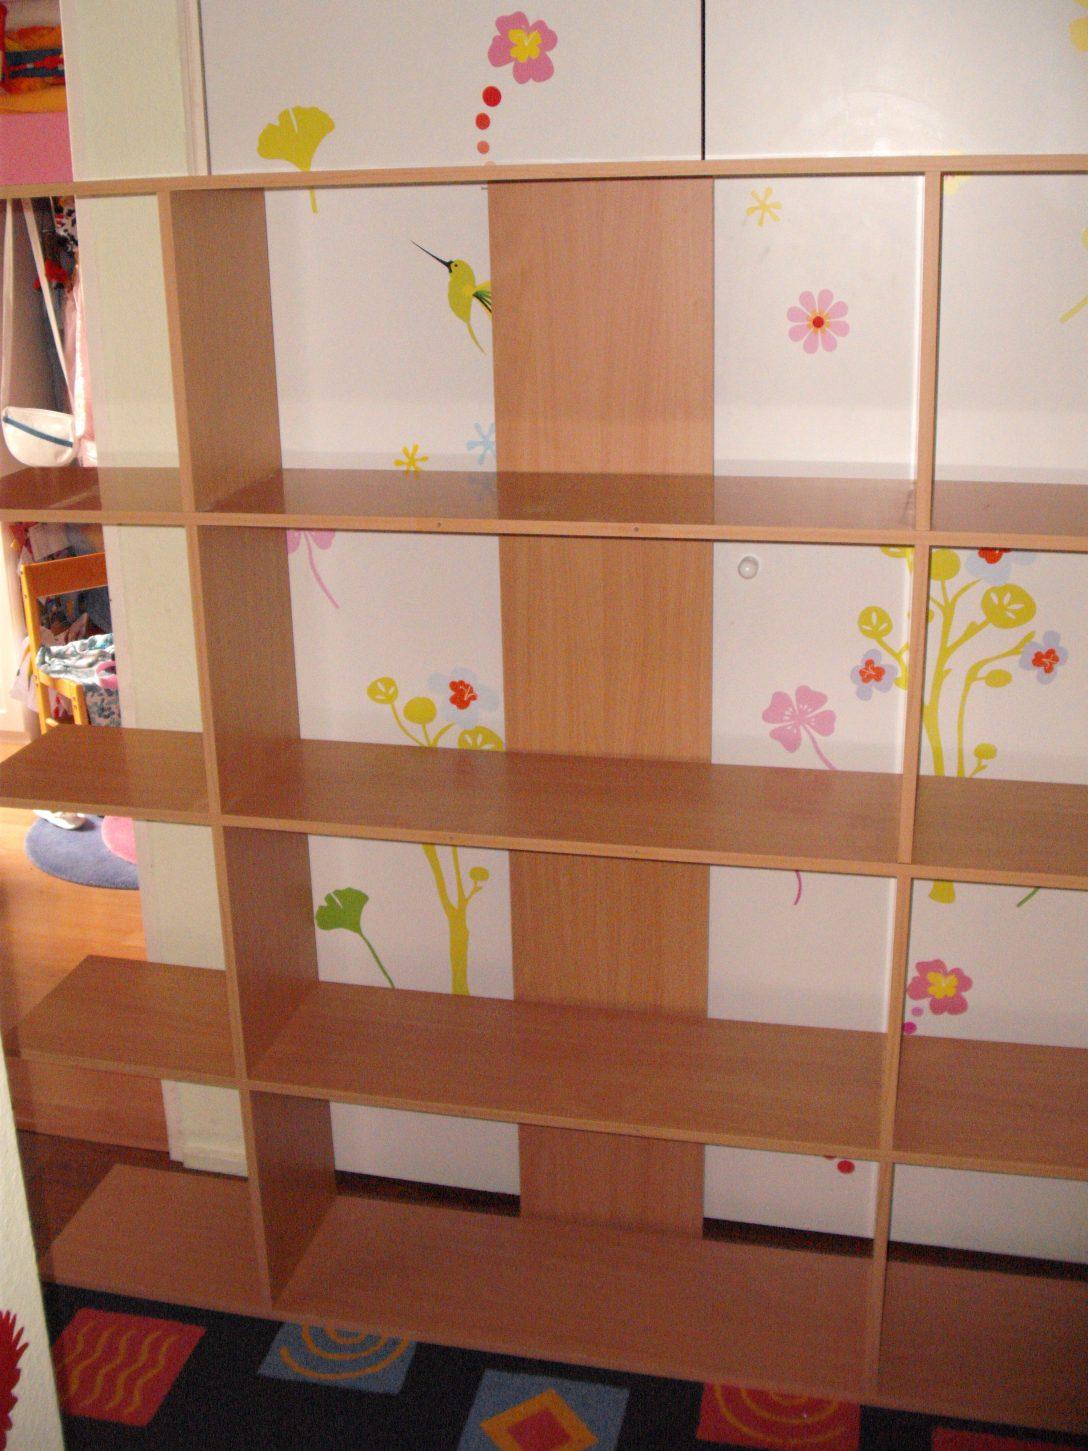 Large Size of Ikea Raumteiler Regal Onkel Buche In Berlin Mbel Und Haushalt Kleinanzeigen Sofa Mit Schlaffunktion Küche Kosten Kaufen Miniküche Betten Bei 160x200 Wohnzimmer Ikea Raumteiler